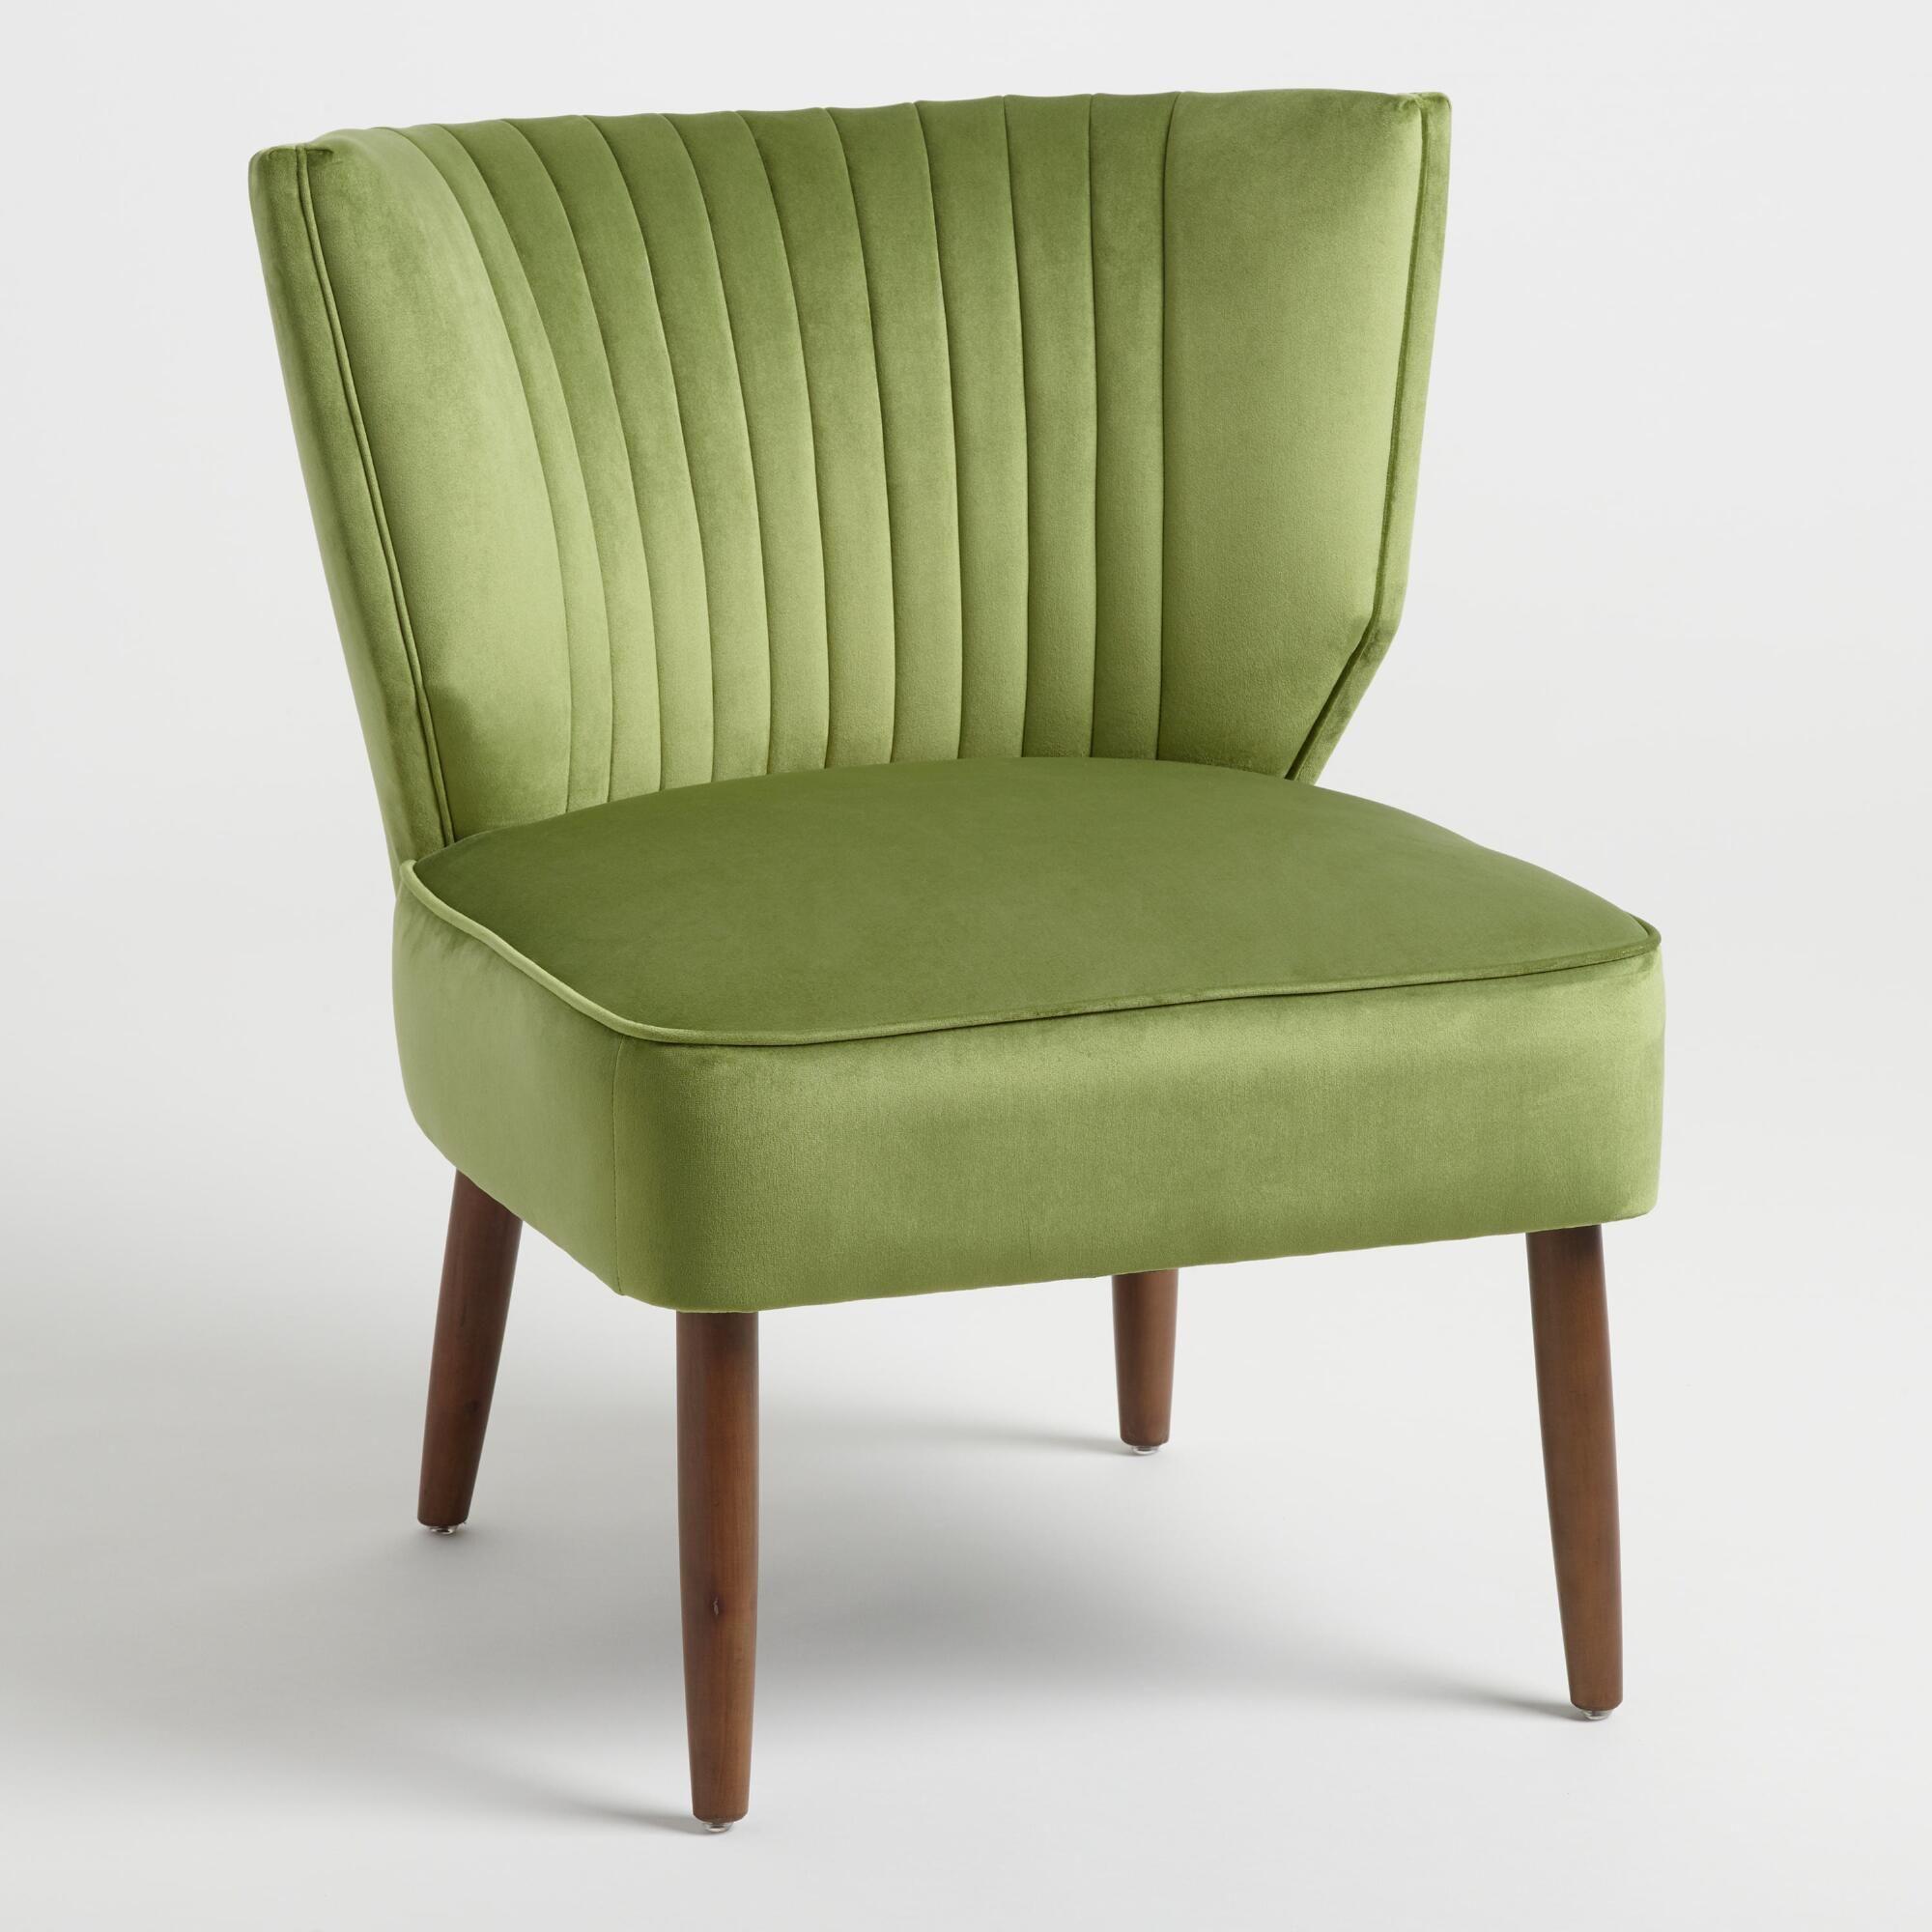 Green channel back bretta chair by world market